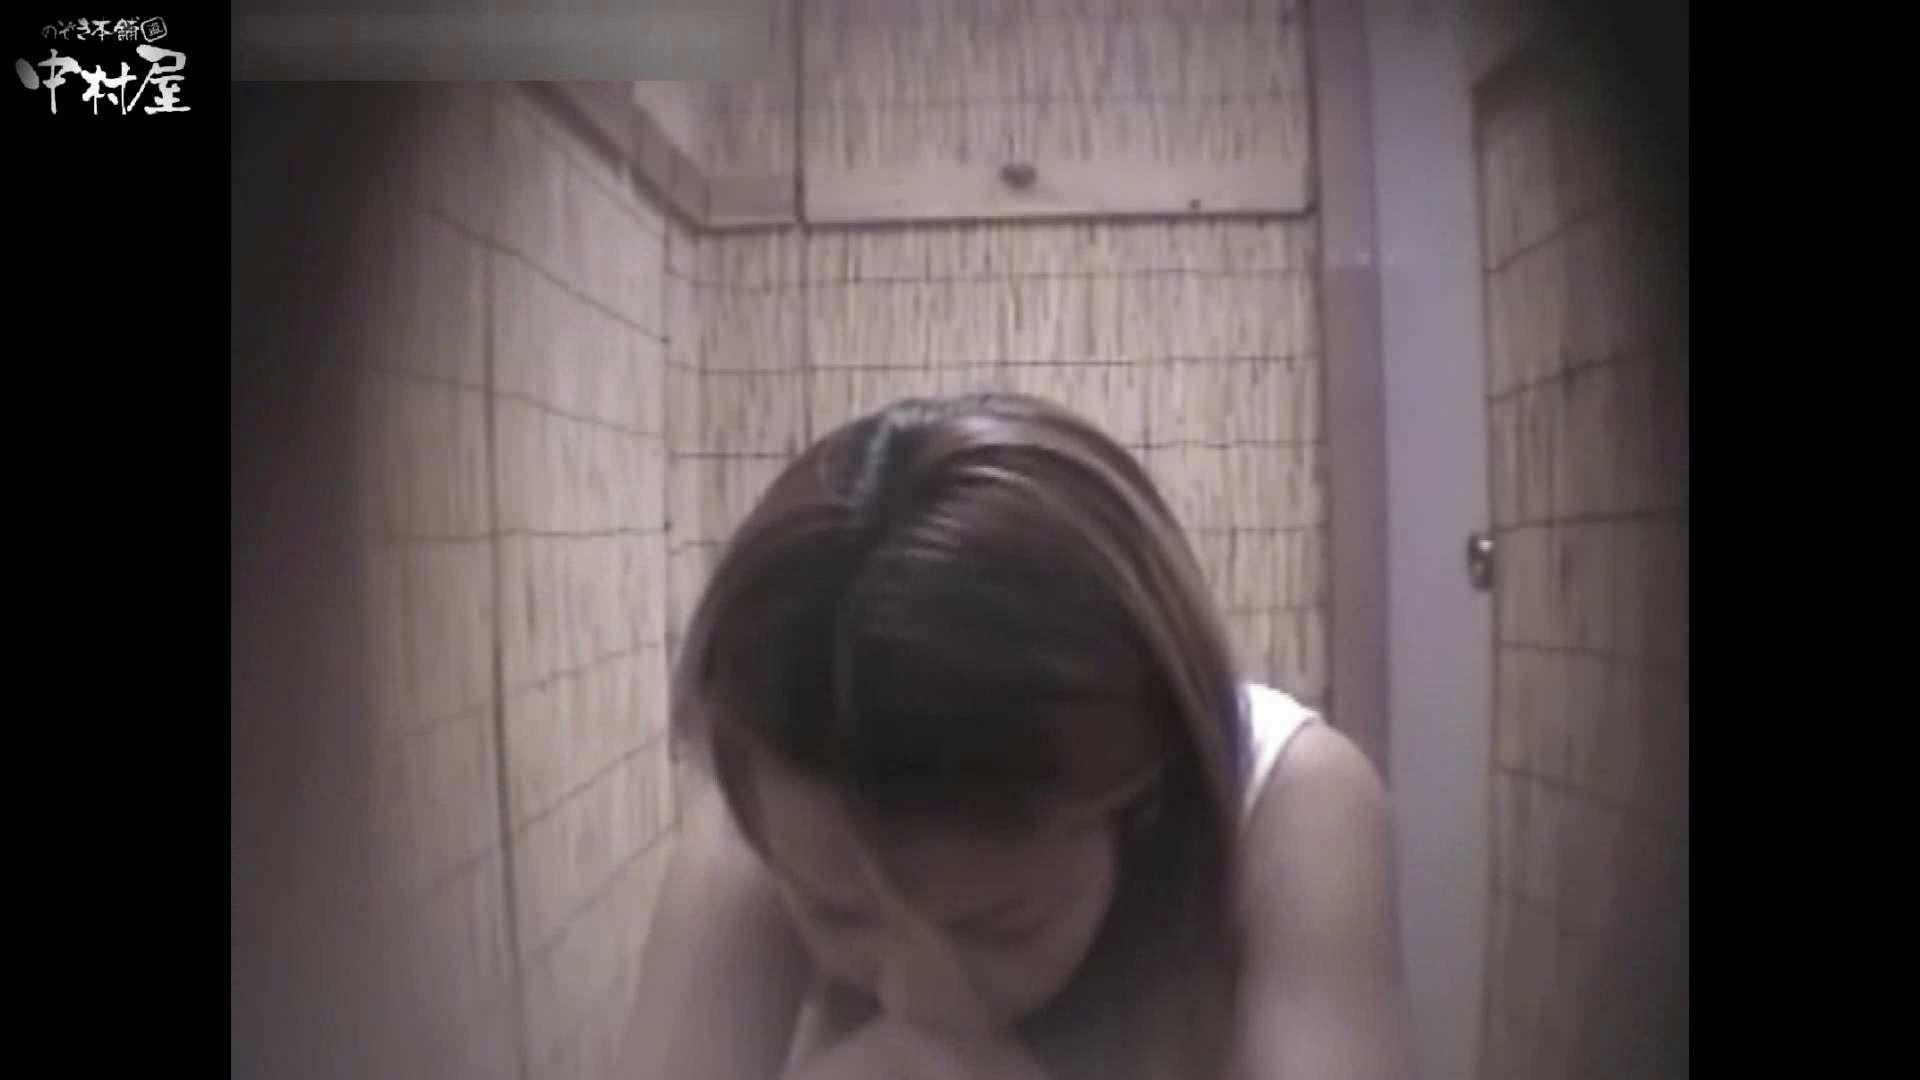 解禁!海の家4カメ洗面所vol.47 人気シリーズ | エロギャル  84画像 72